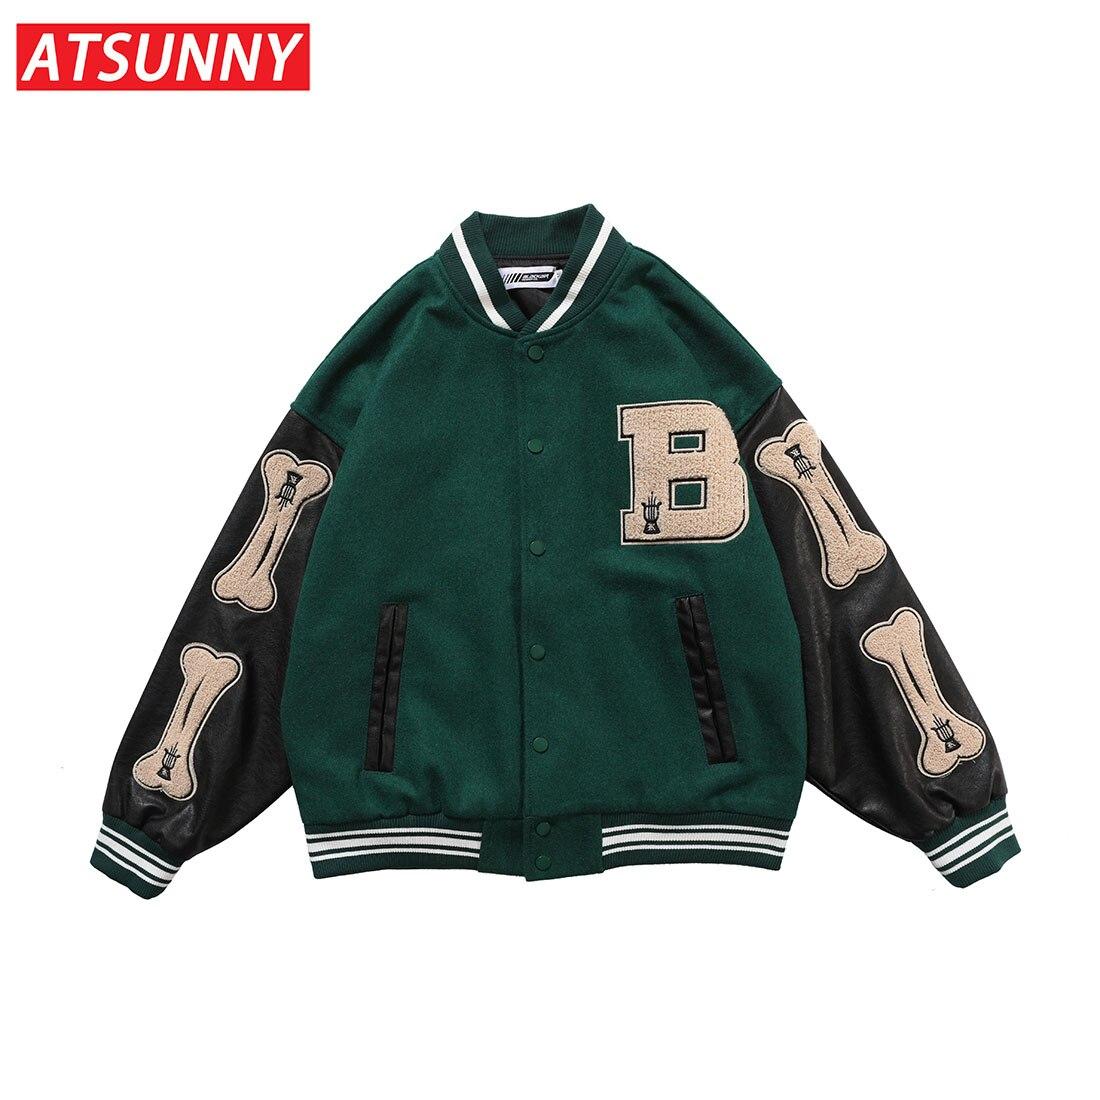 ATSUNNY Winter Coat Men Hip Hop Baseball Jacket Harajuku Retro Varsity Jacket Casual Jacket Fashion Coat Streetwear Tops